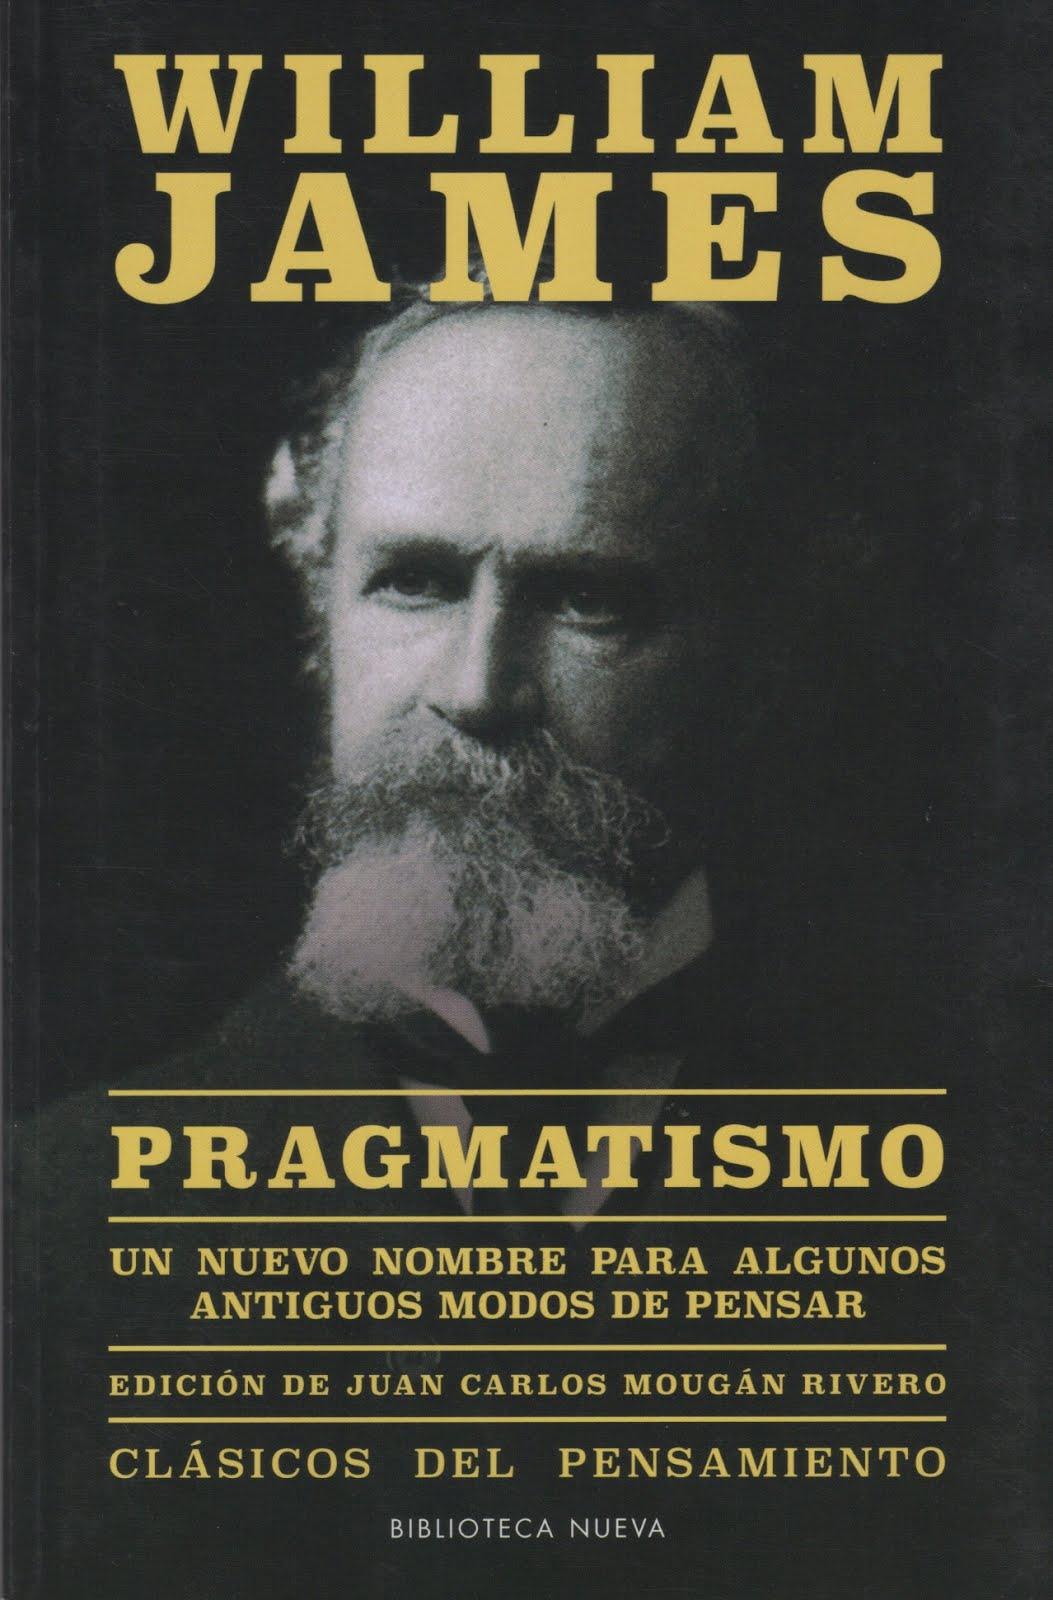 William James (Pragmatismo) Un nuevo nombre para algunos antiguos modos de pensar